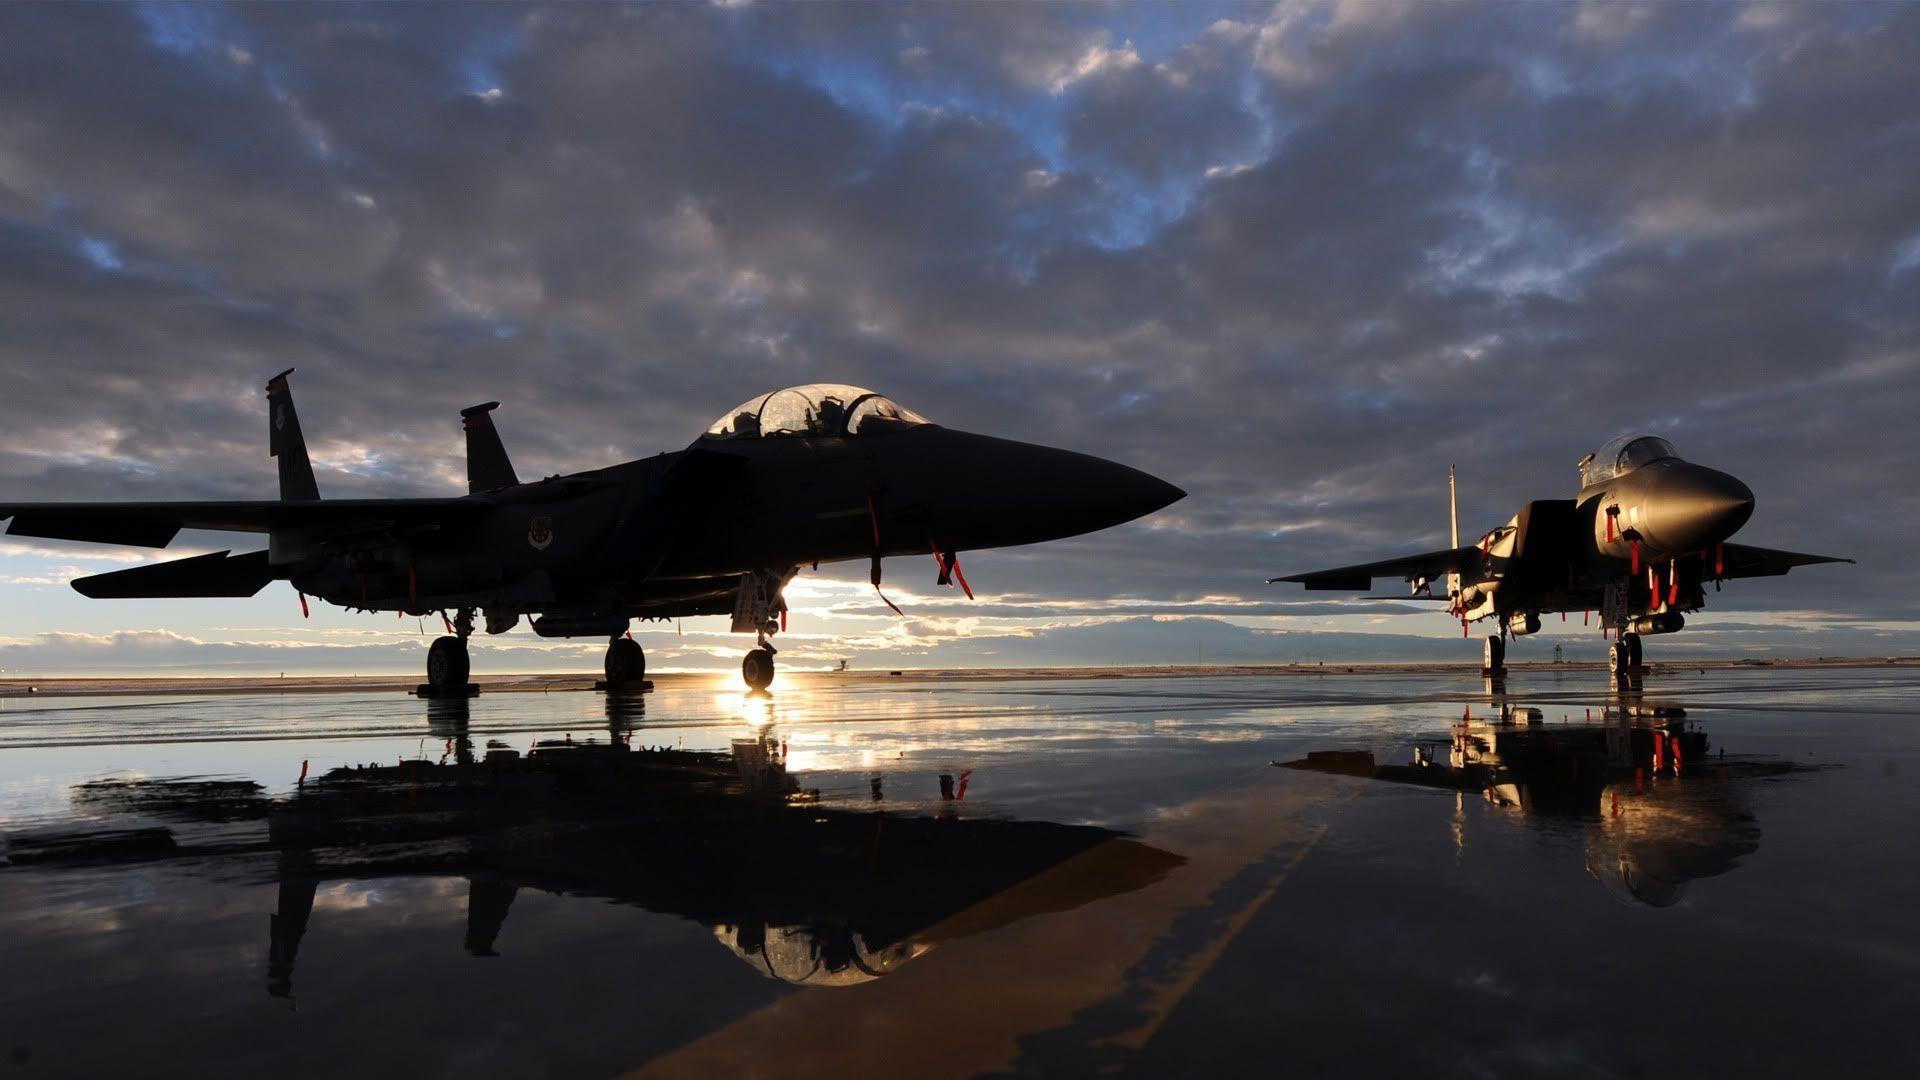 Desktop Backgrounds Jets Hd Fighter Jet Wallpapers